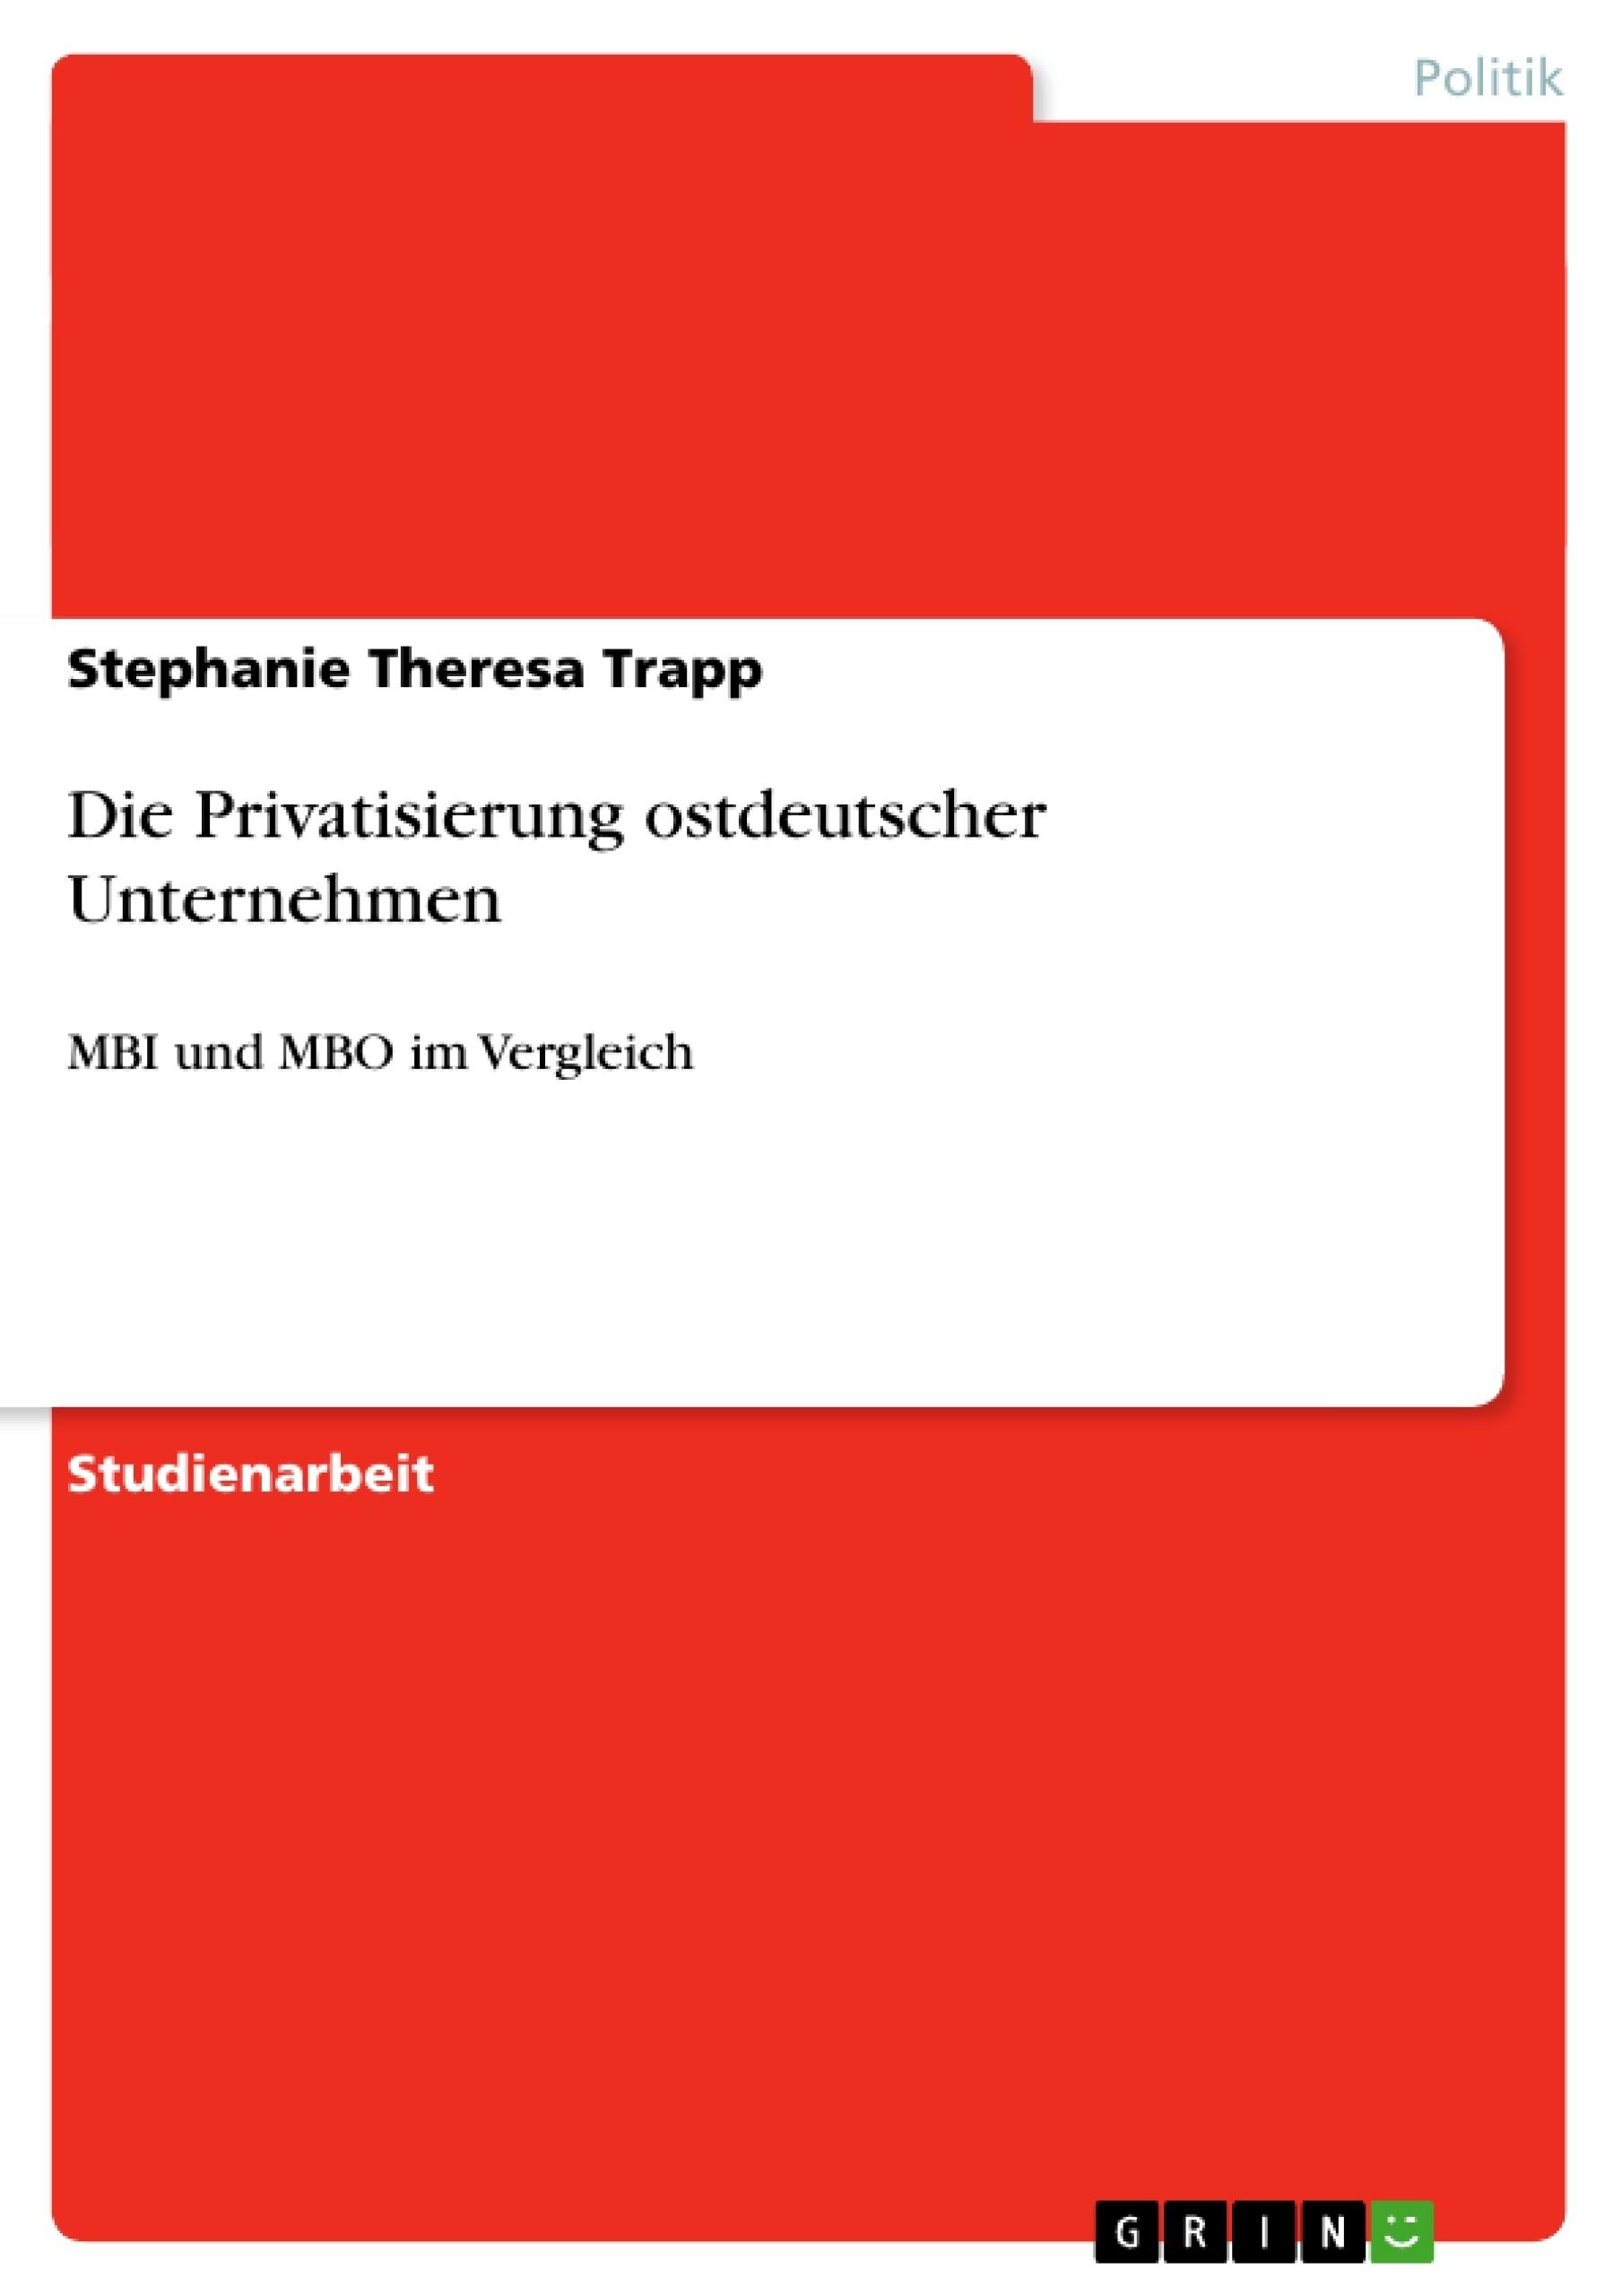 Titel: Die Privatisierung ostdeutscher Unternehmen